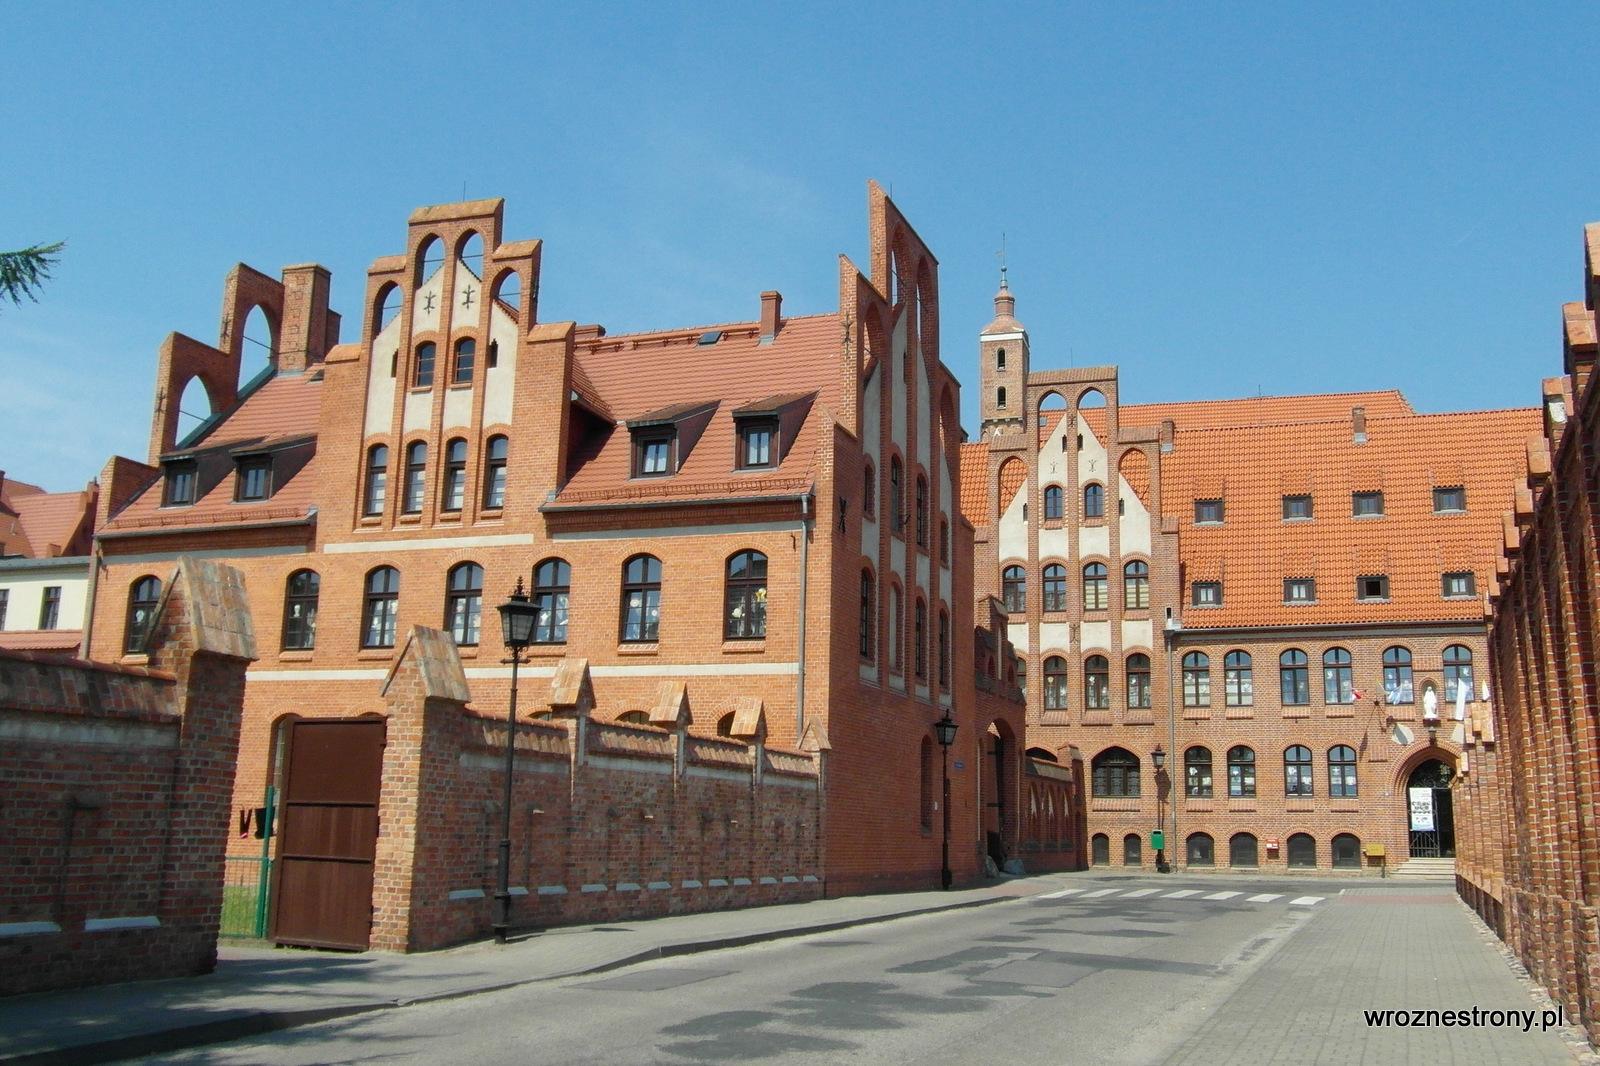 Budynki klasztorne